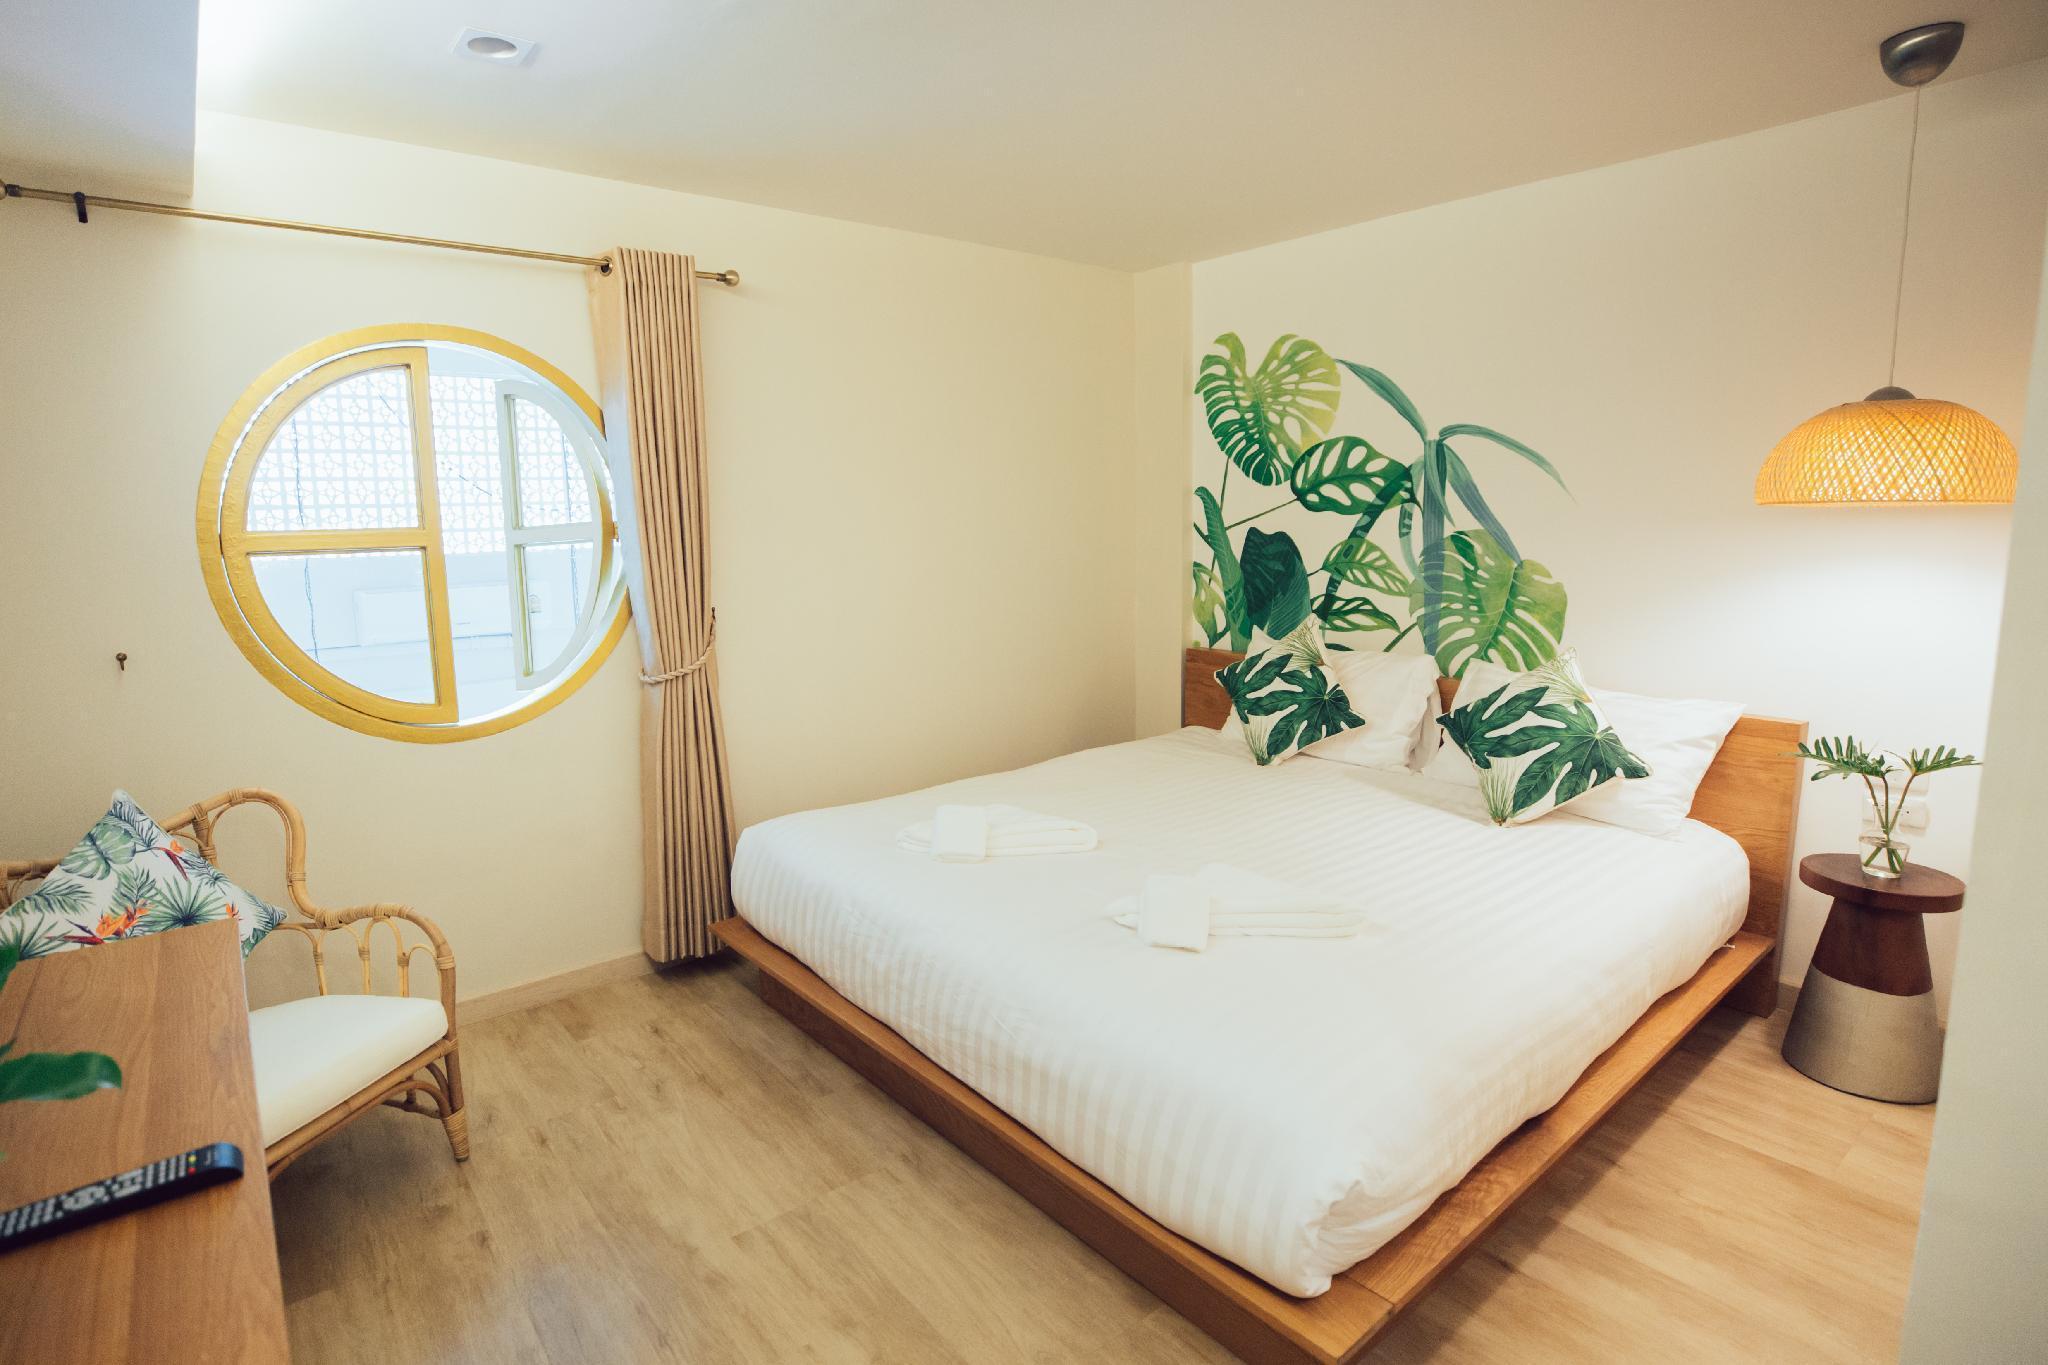 Tropical Boutique Home 4BR w/ Breakfast in City วิลลา 4 ห้องนอน 4 ห้องน้ำส่วนตัว ขนาด 200 ตร.ม. – เขตเมืองเก่า